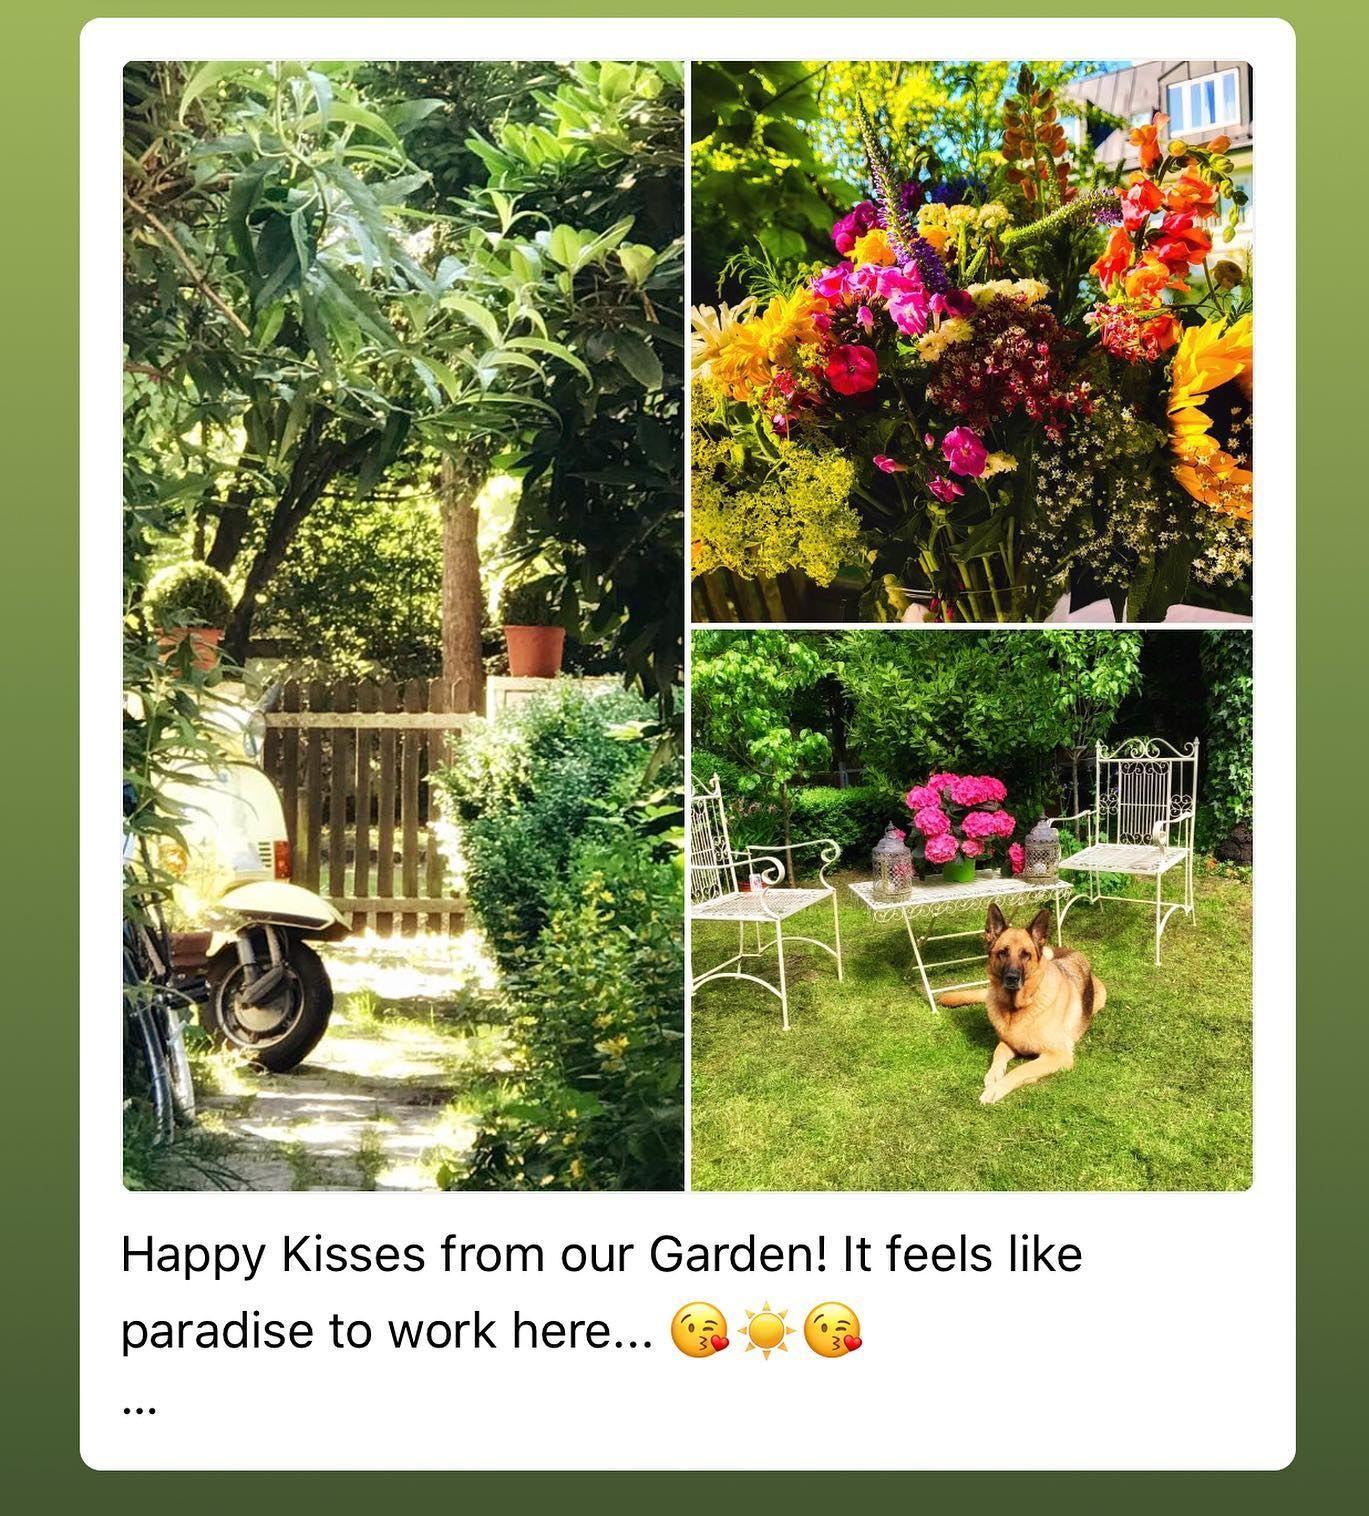 Good Morning Happy Kisses From Our Garden It Feels Like Paradise To Work Here Www Munich Property De Munchen Garte Plants Garden Munich